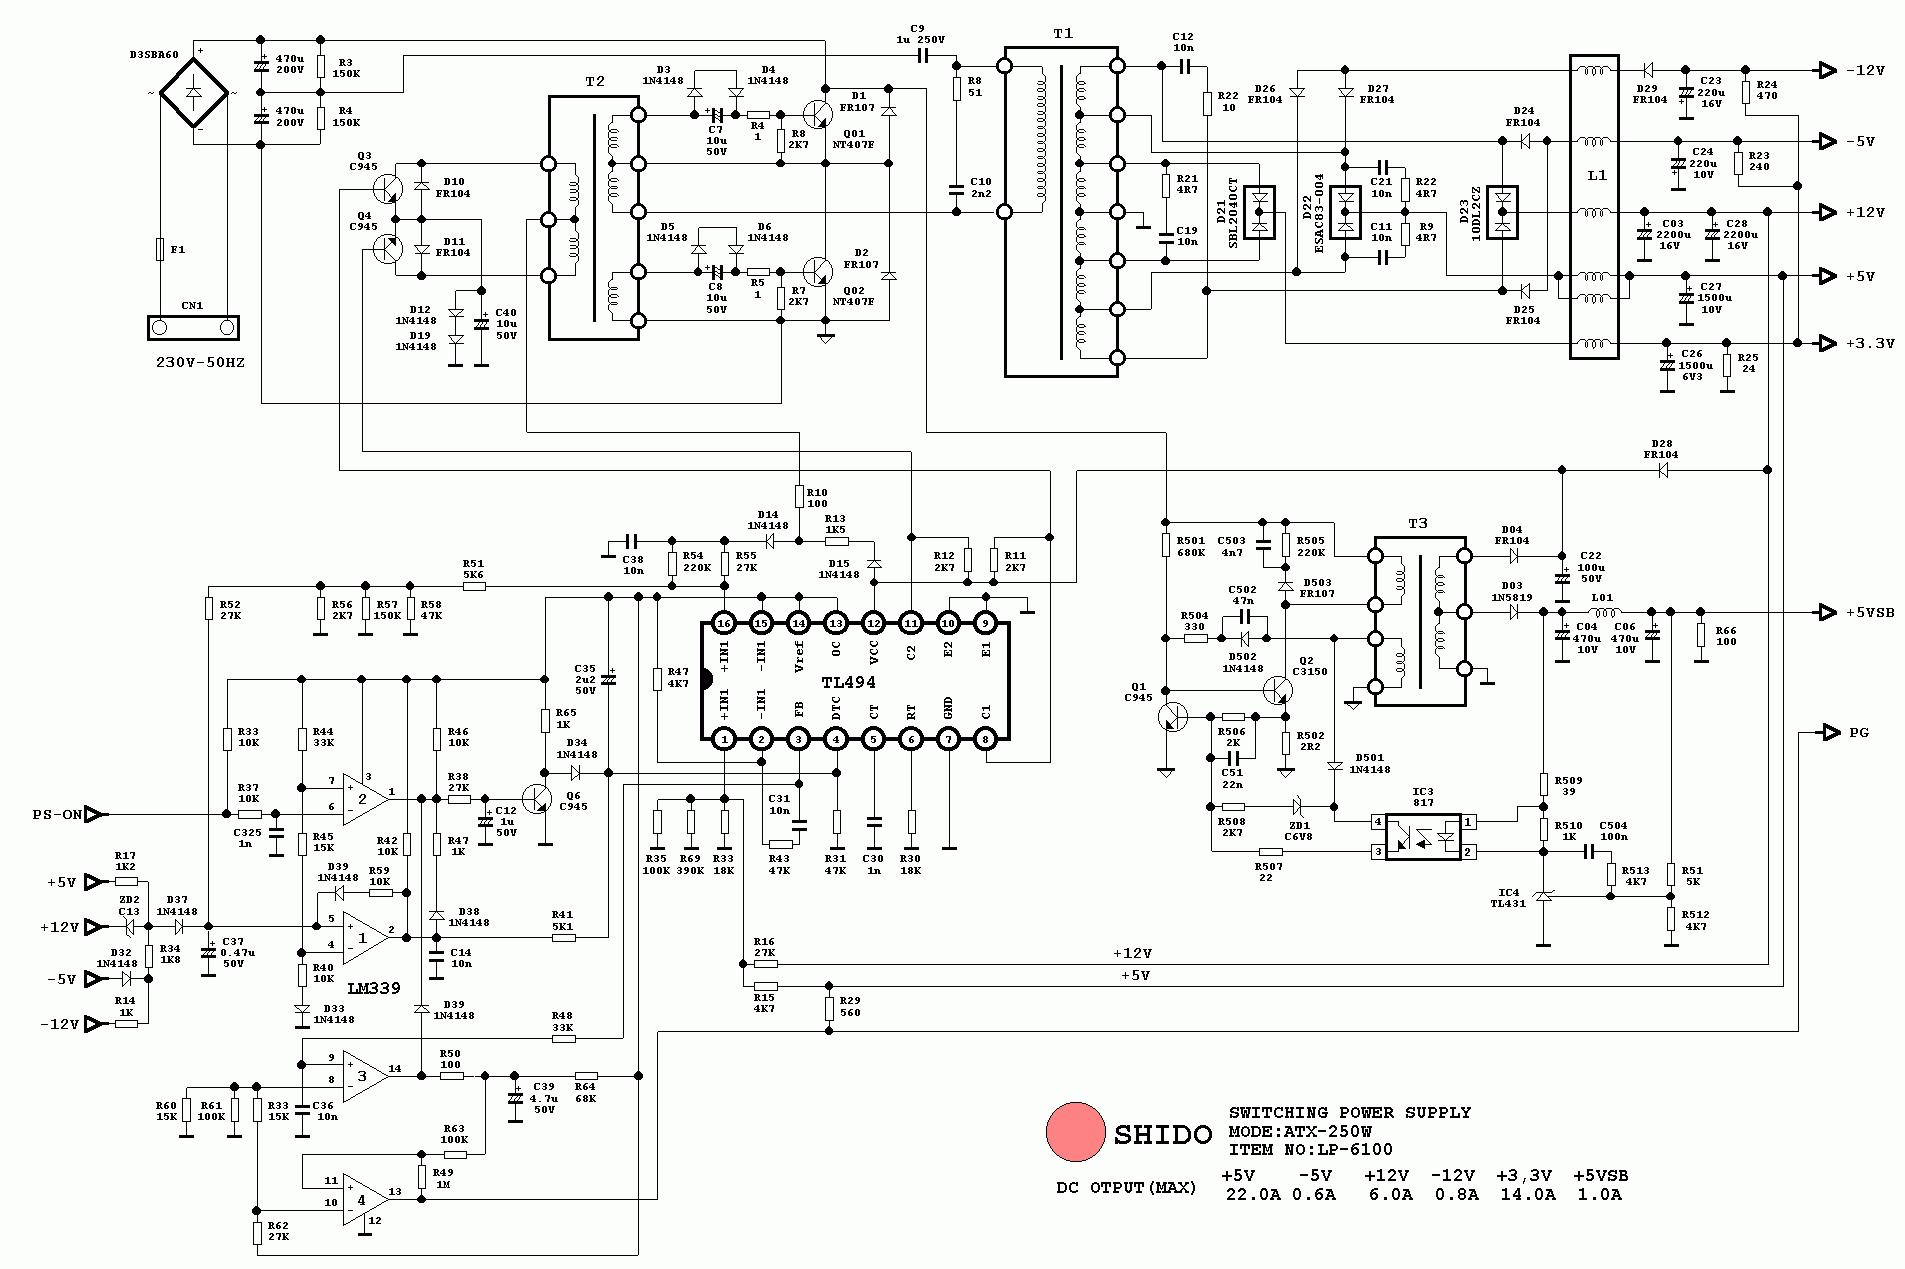 Телевизор orchid схема электрическая.  Схема блока питания компьютера atx 400w.